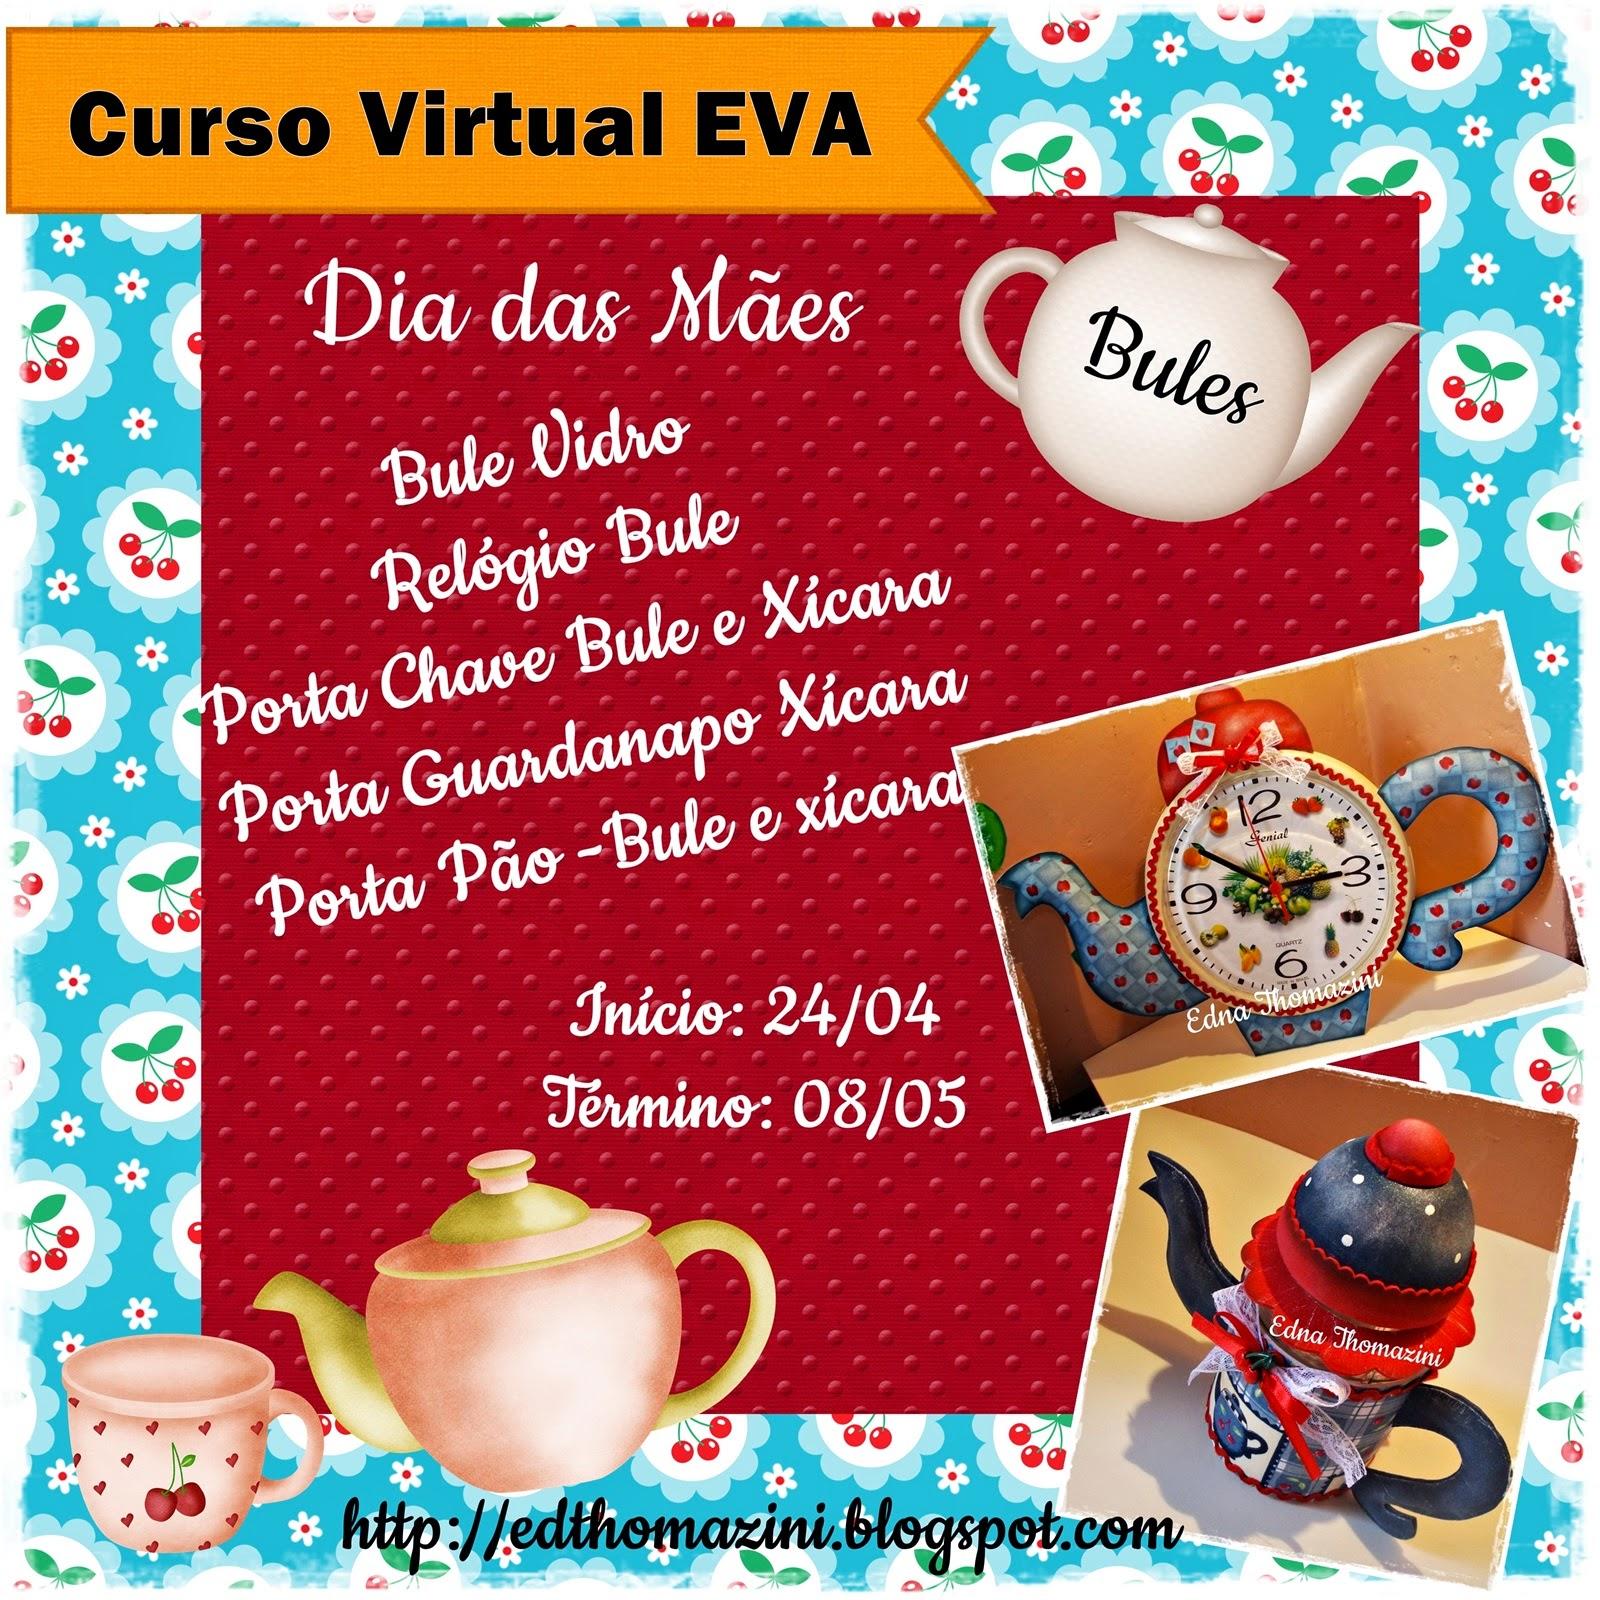 Curso Virtual EVA Bules